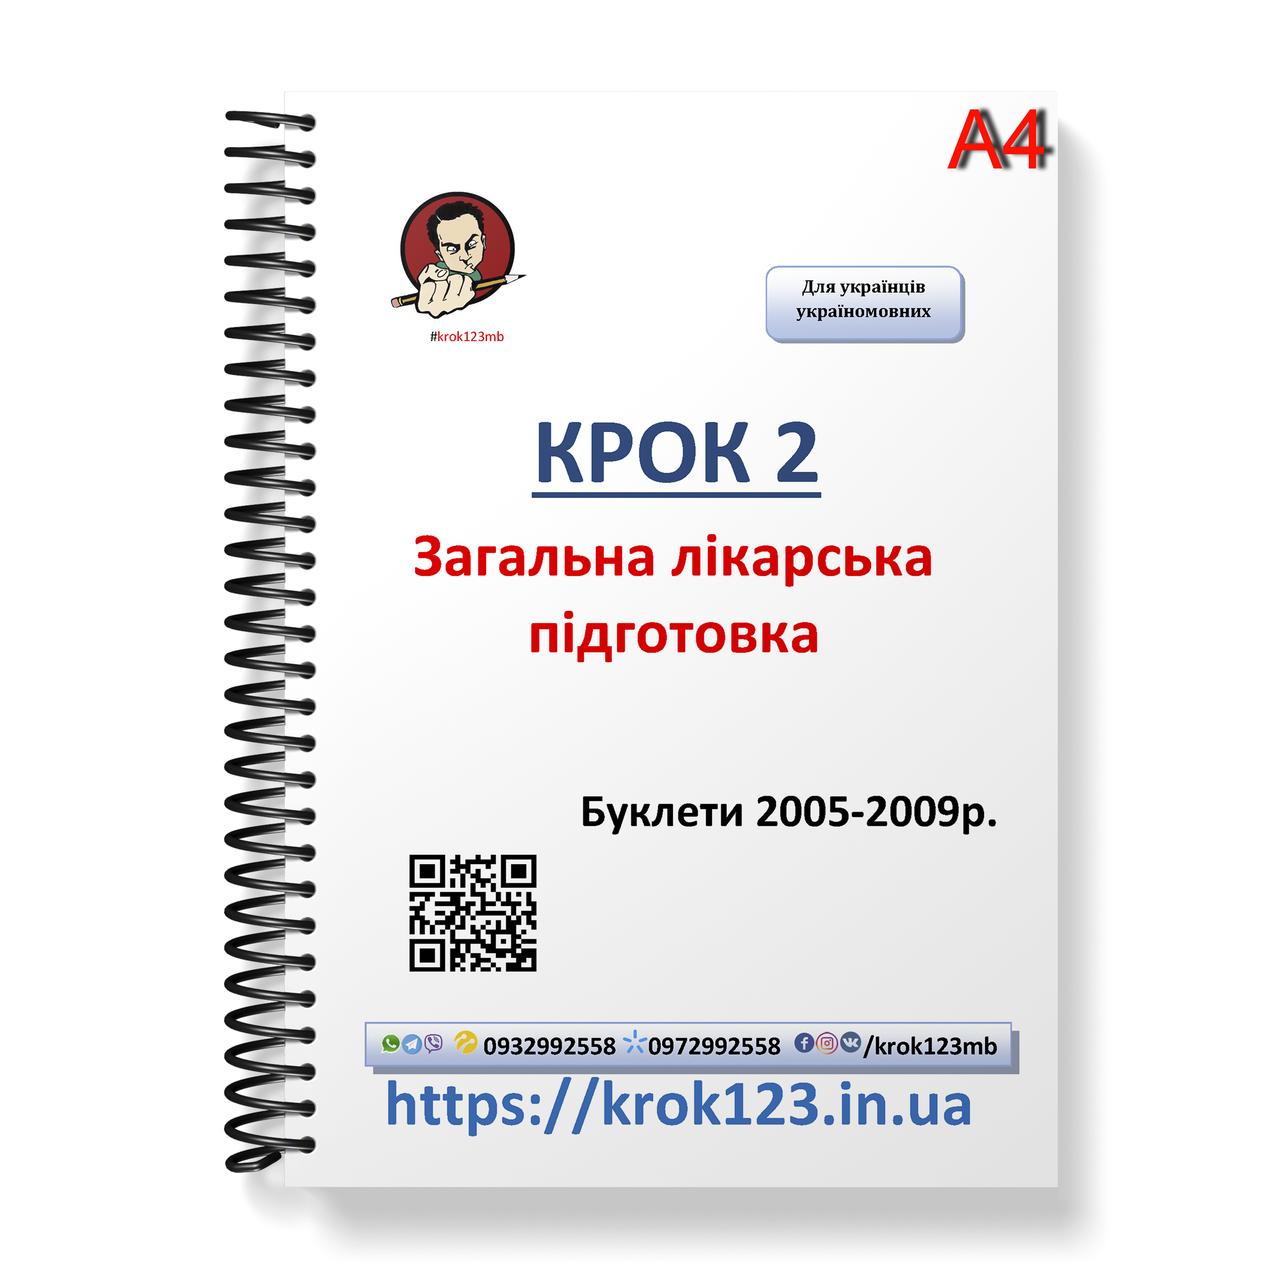 Крок 2. Общая врачебная подготовка. Буклеты 2005-2009 . Для украинцев украиноязычных. Формат А4